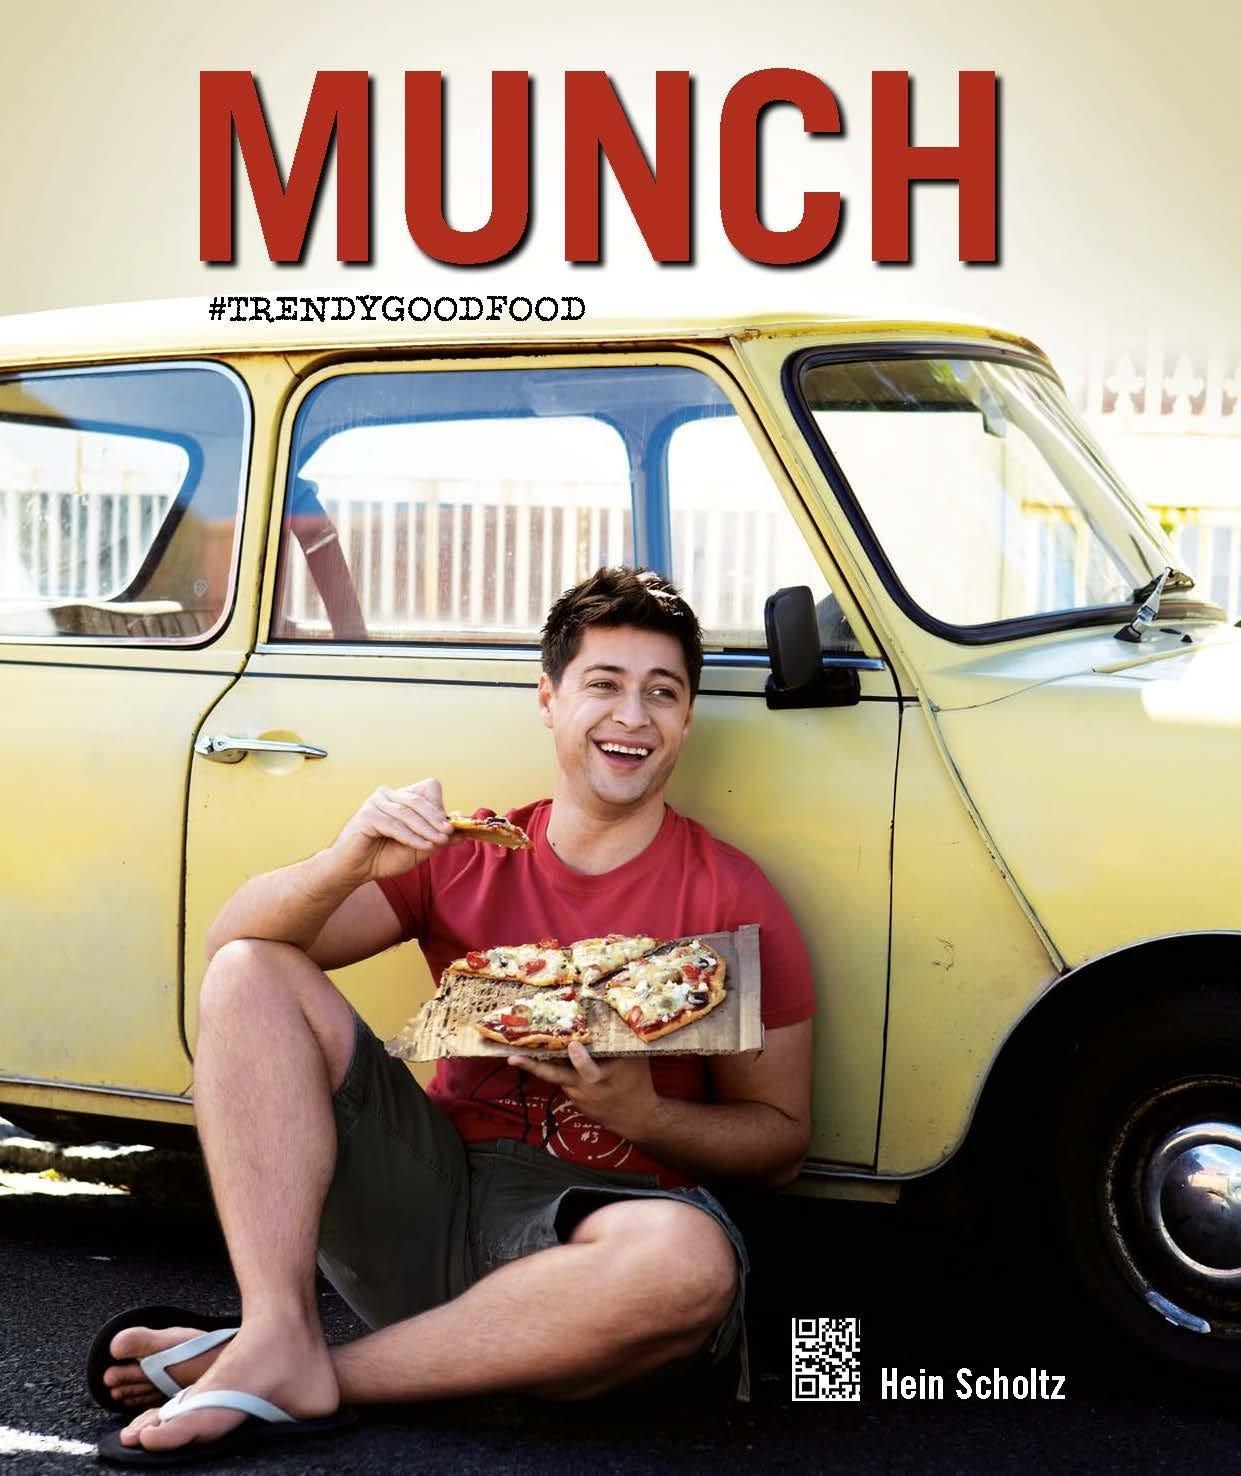 Munch - Hein Scholtz #TrendyGoodFood